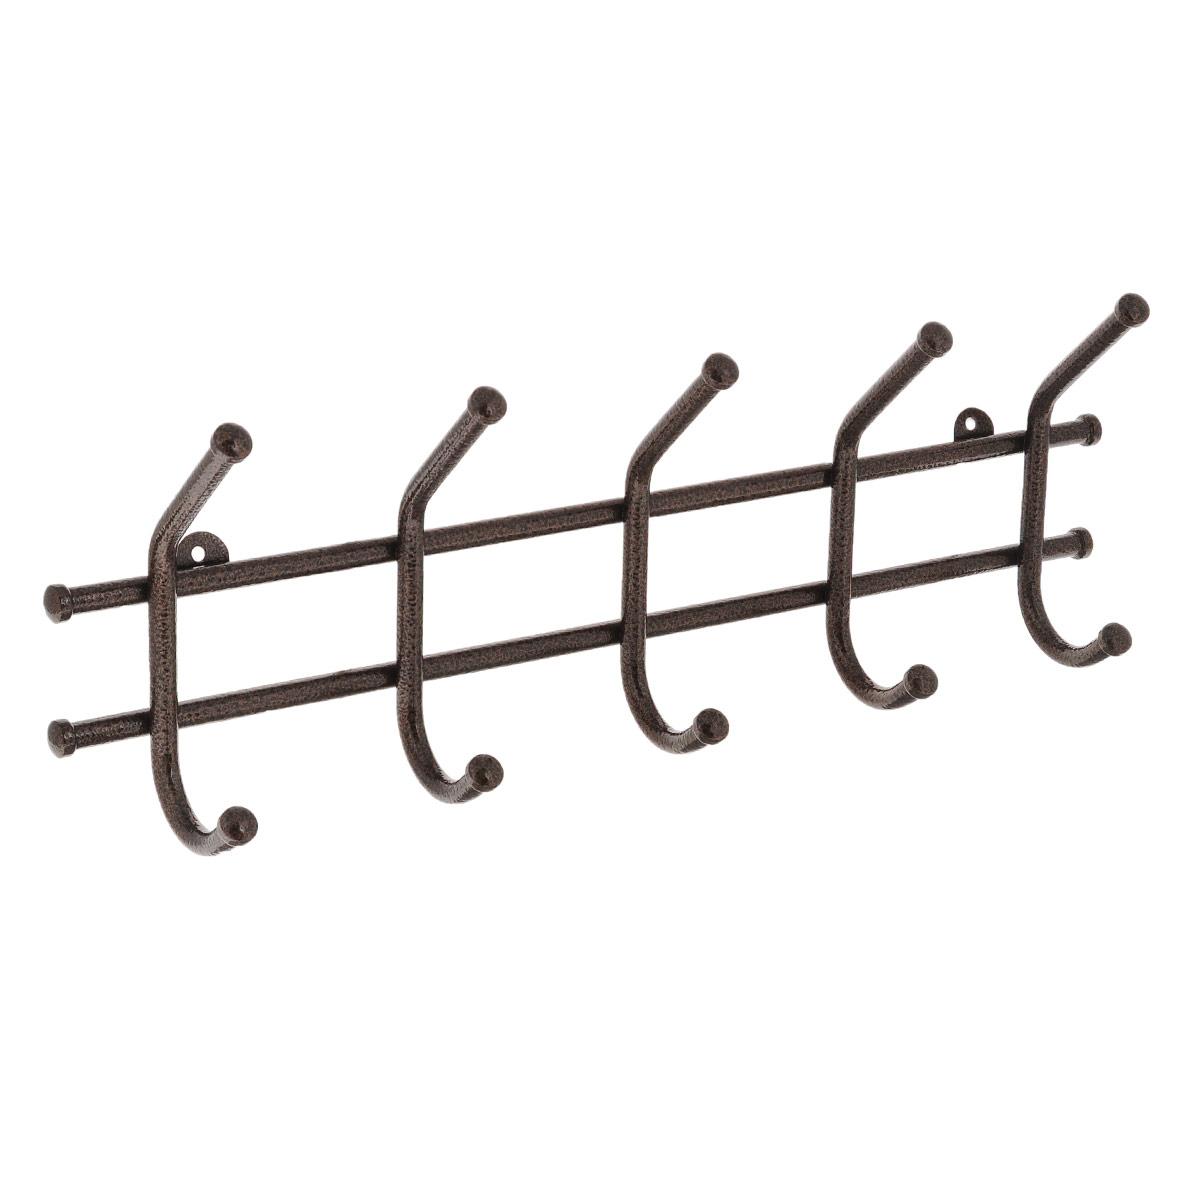 Вешалка настенная ЗМИ Норма 5, 5 крючковБрелок для ключейМеталлическая вешалка с полимерным покрытием ЗМИ Норма 5 имеет пять крючков для одежды. Крепится к стене при помощи двух шурупов (не входят в комплект).Вешалка ЗМИ Норма 5 идеально подходит для маленьких прихожих и ограниченных пространств.